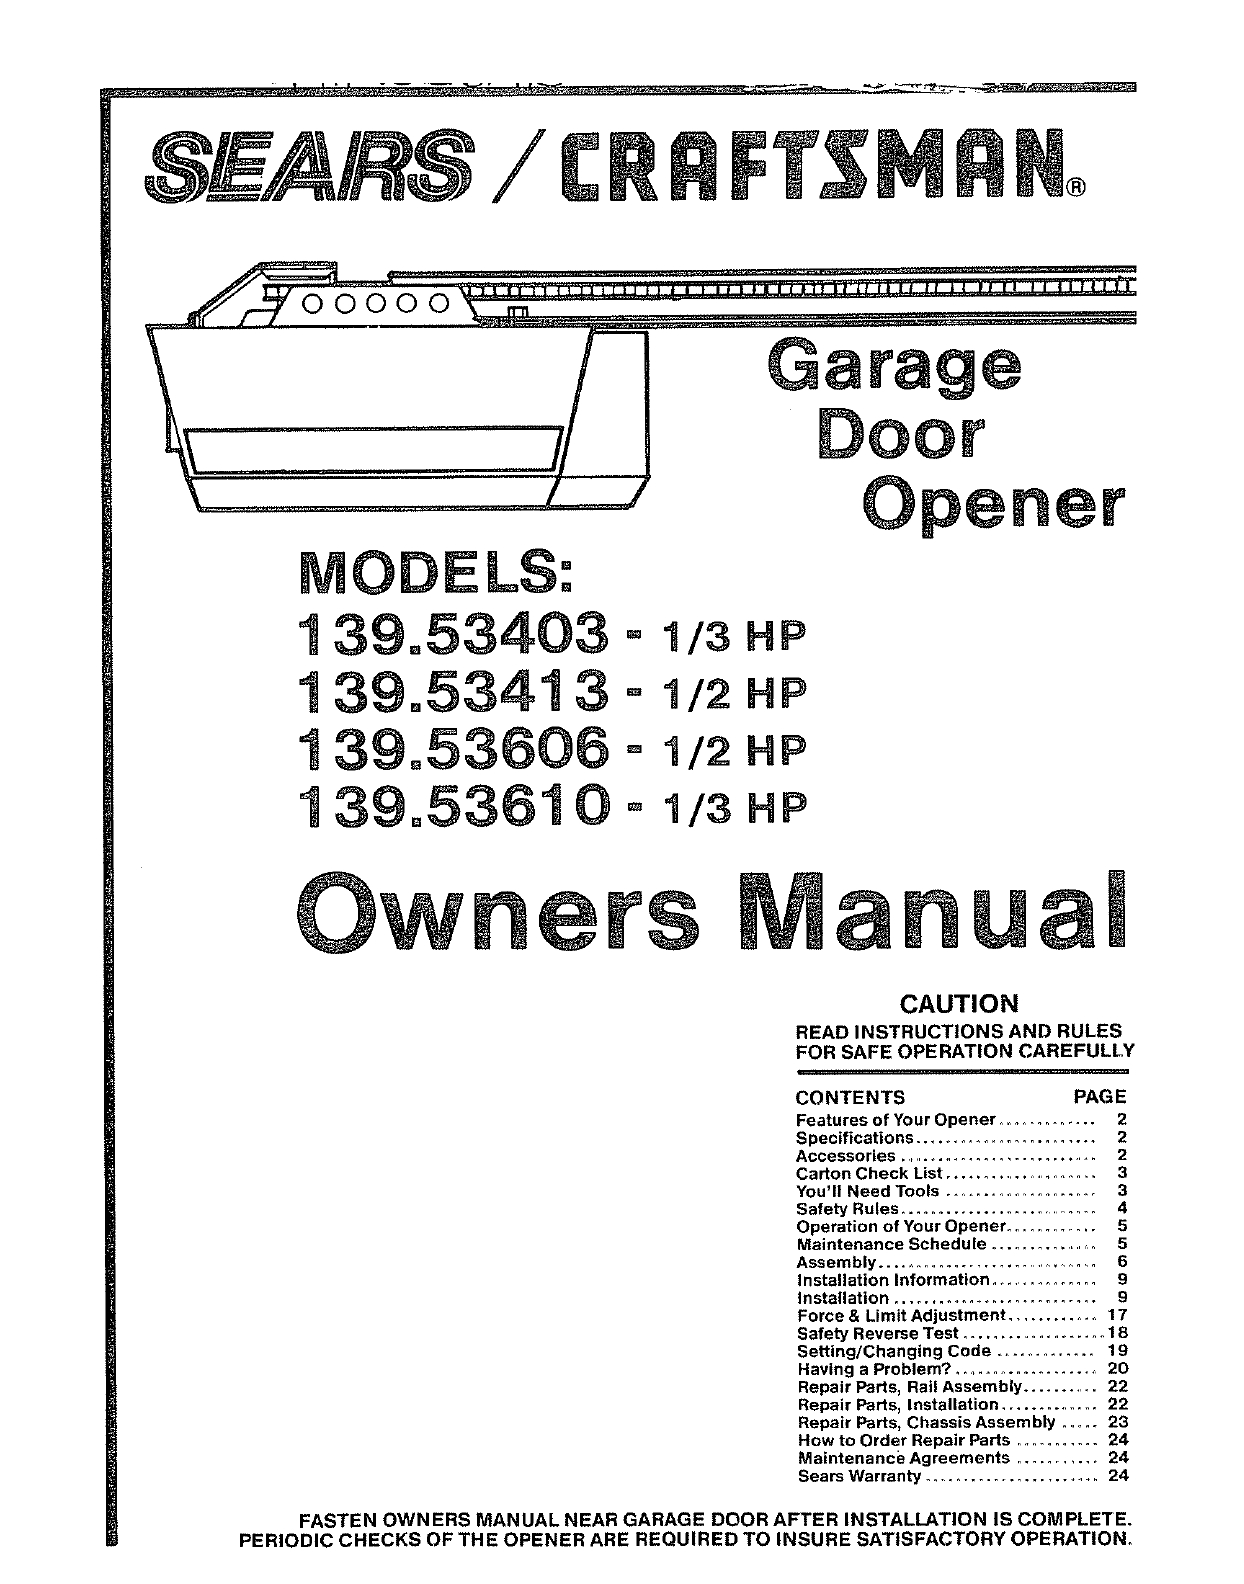 Liftmaster Garage Door Opener Wiring Schematic Manual Guide